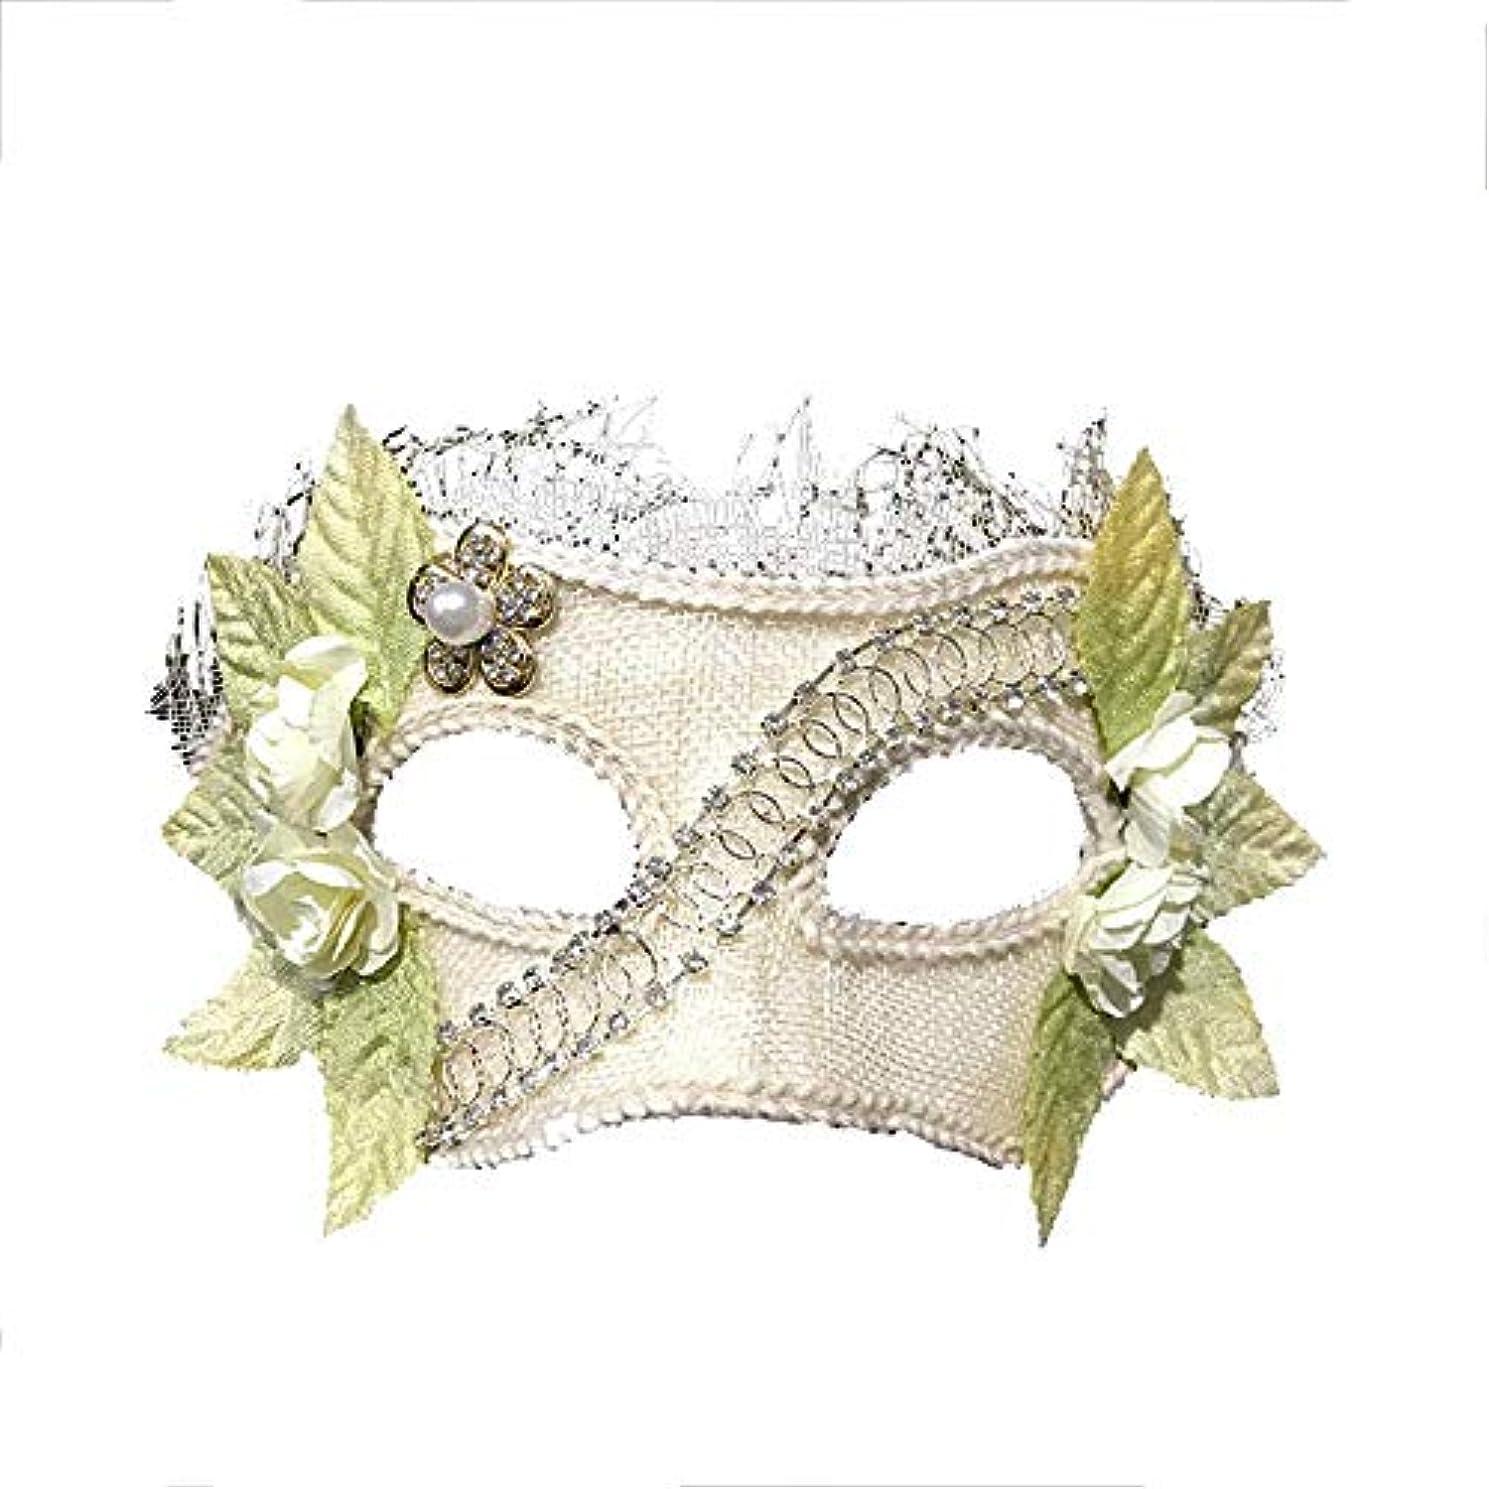 オプショナル雪の神聖Nanle ハロウィンクリスマスフラワーフェザービーズマスク仮装マスクレディミスプリンセス美容祭パーティーデコレーションマスク (色 : Style A)